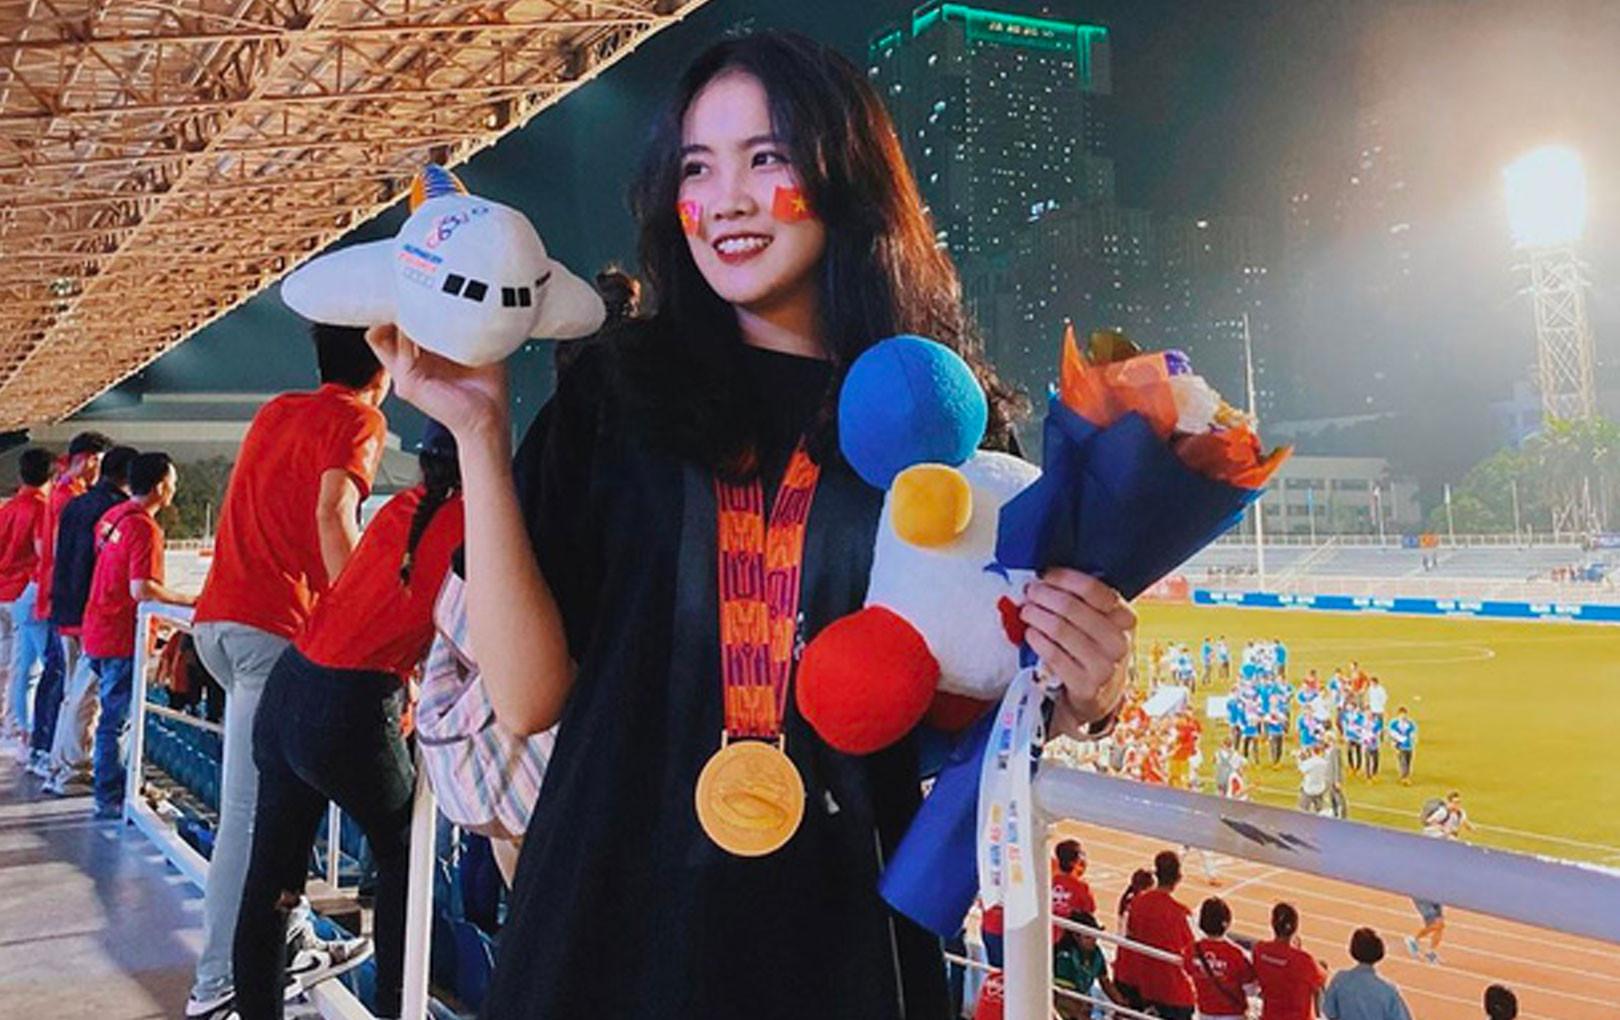 Bạn gái tuyển thủ Văn Hậu không chỉ xinh đẹp mà còn có style vô cùng hút mắt